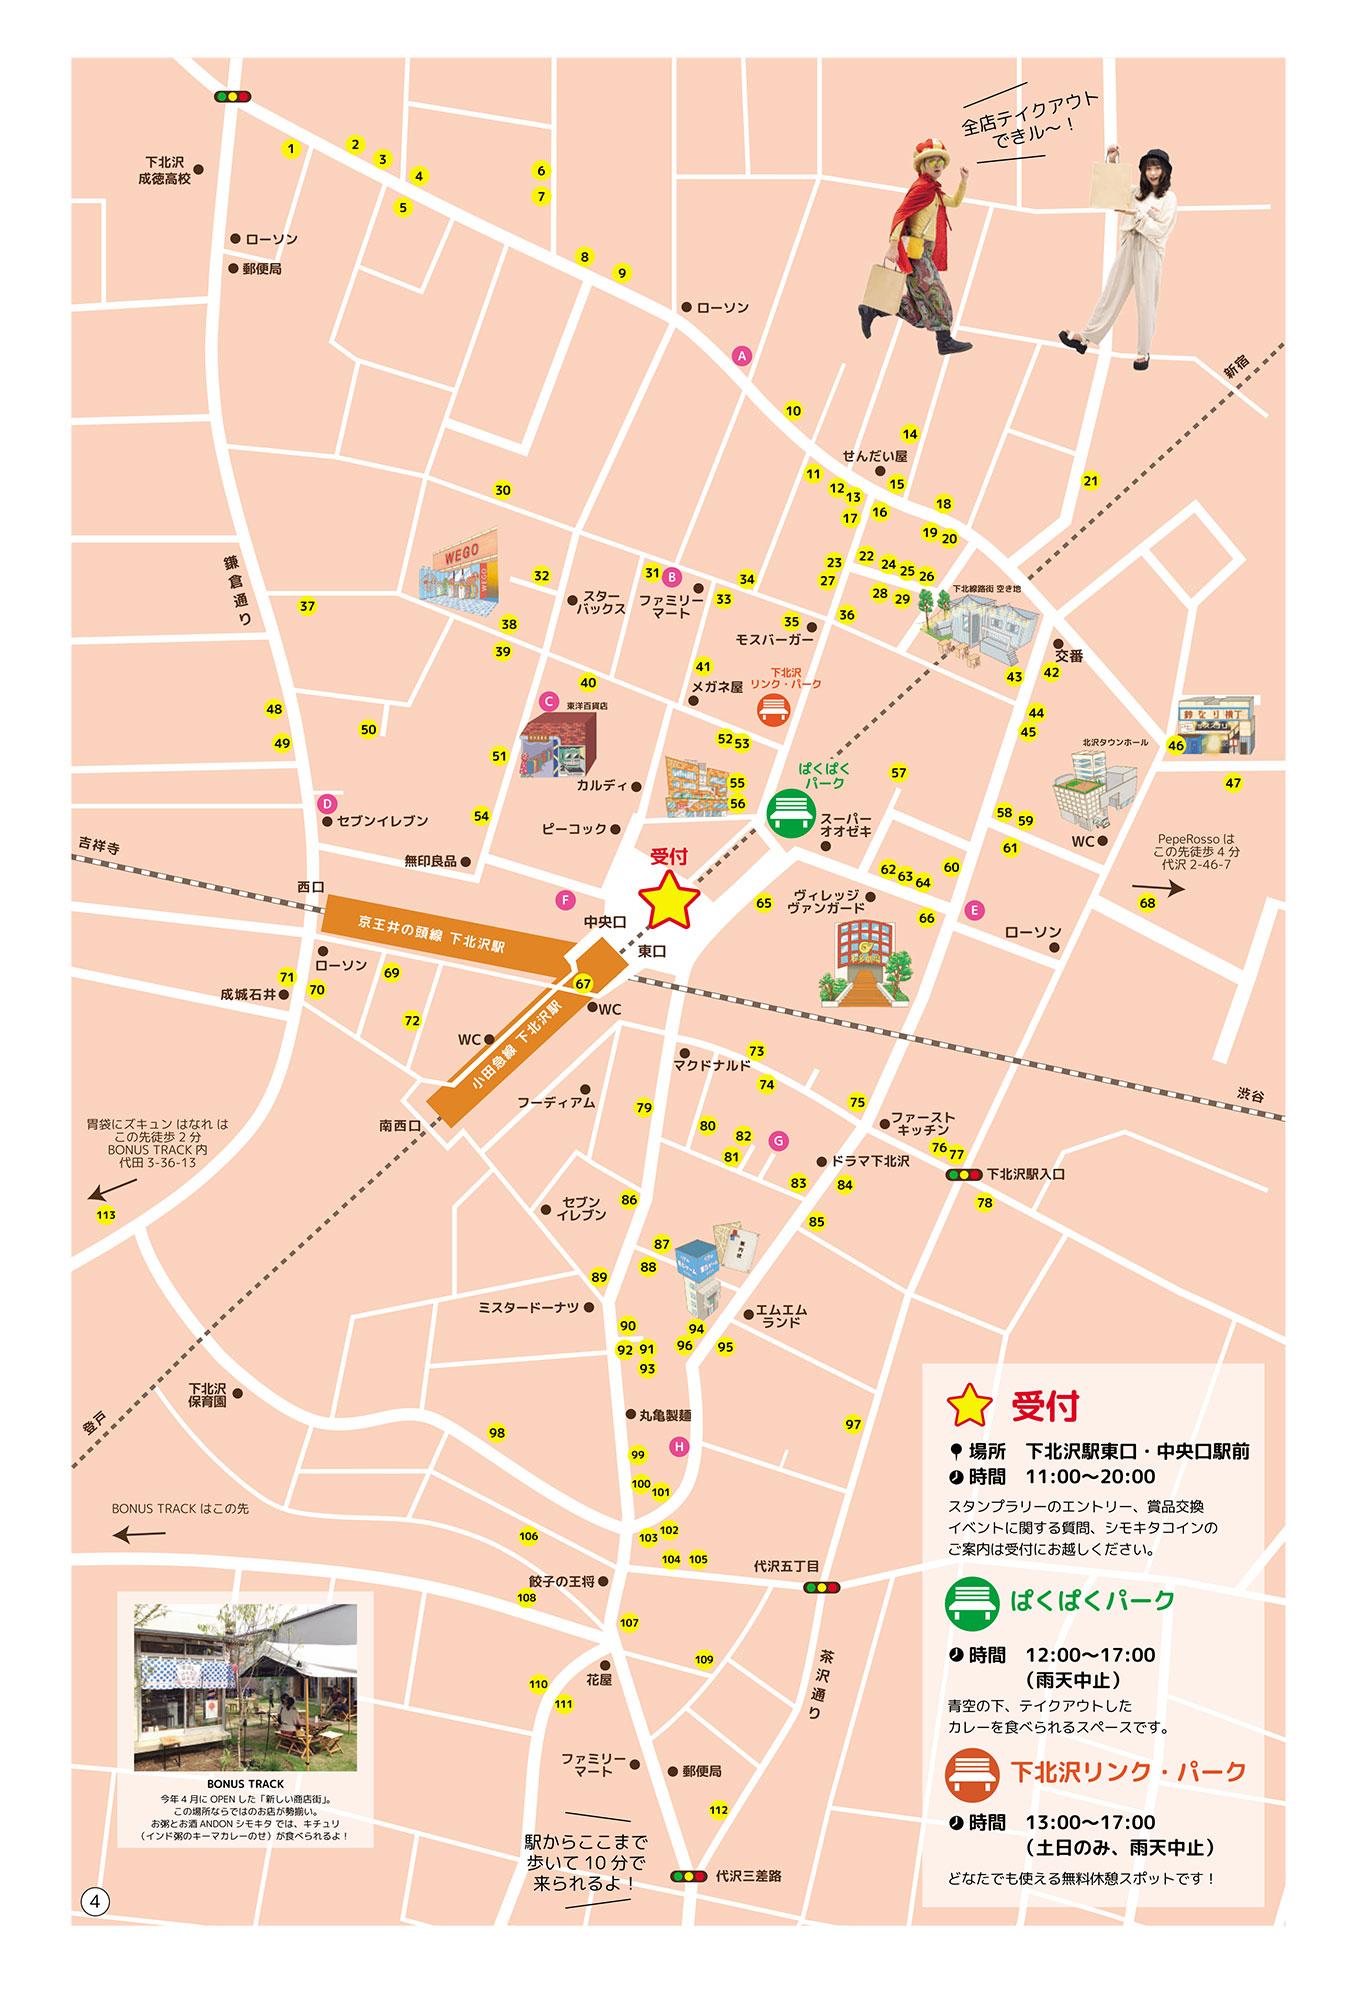 『下北沢カレーフェスティバル2020』参加店舗マップ